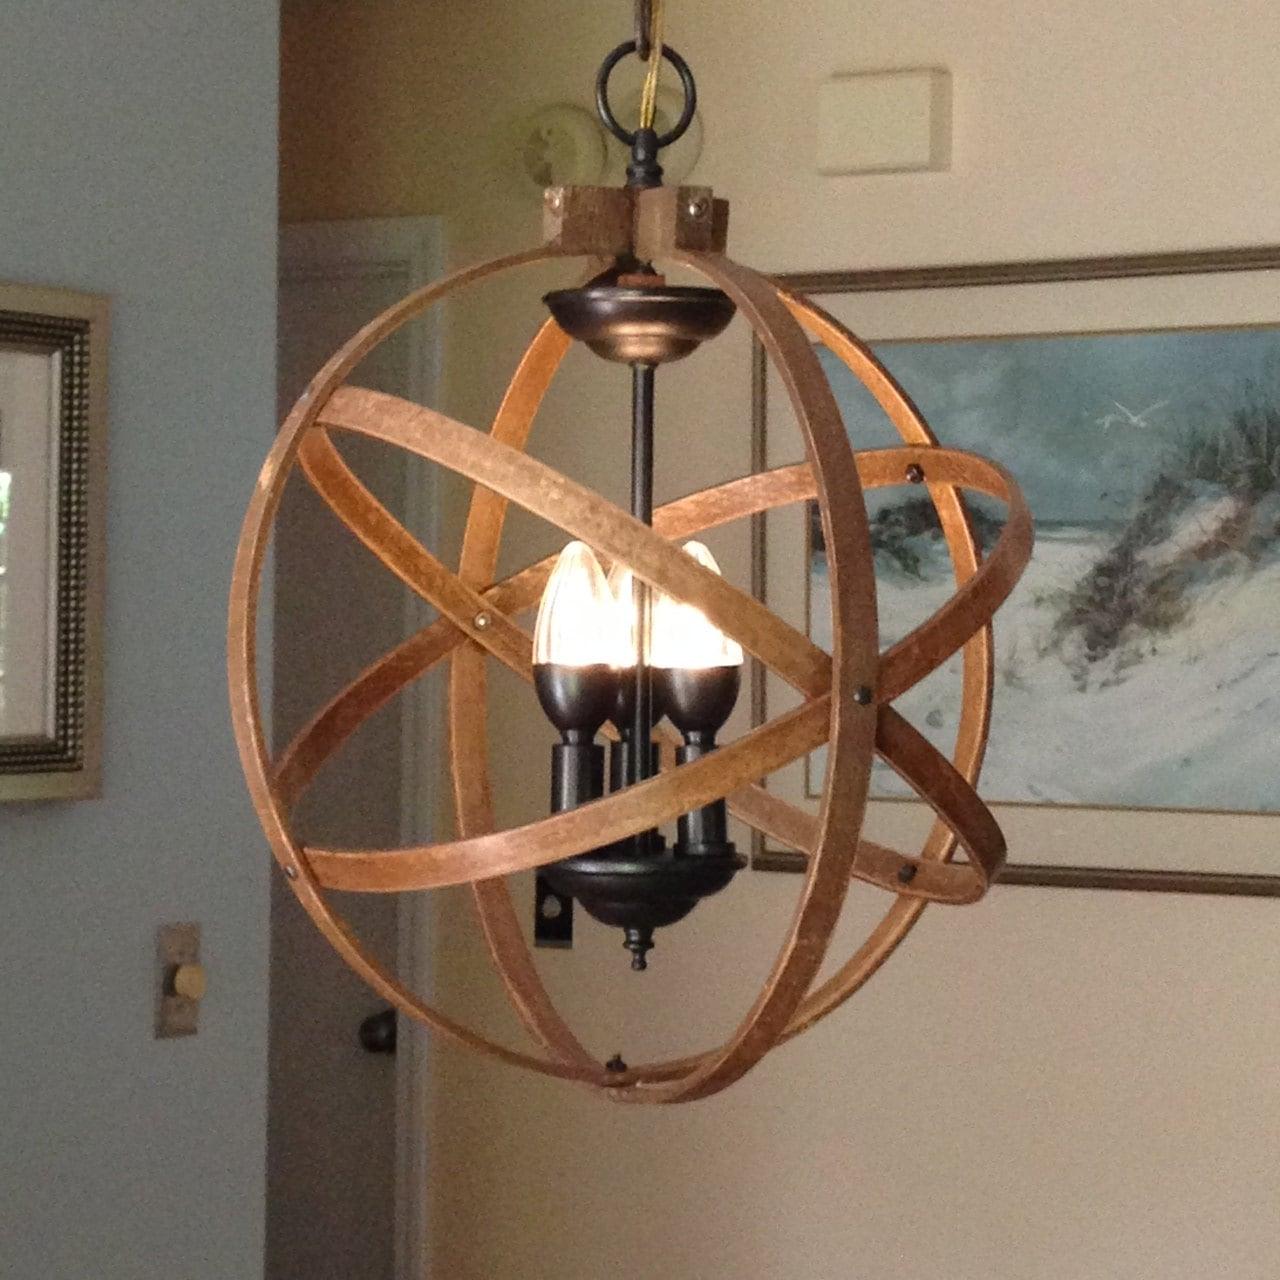 Hanging Light Fixture: ORB CHANDELIER LIGHT 14 Atomic Light Fixture Industrial